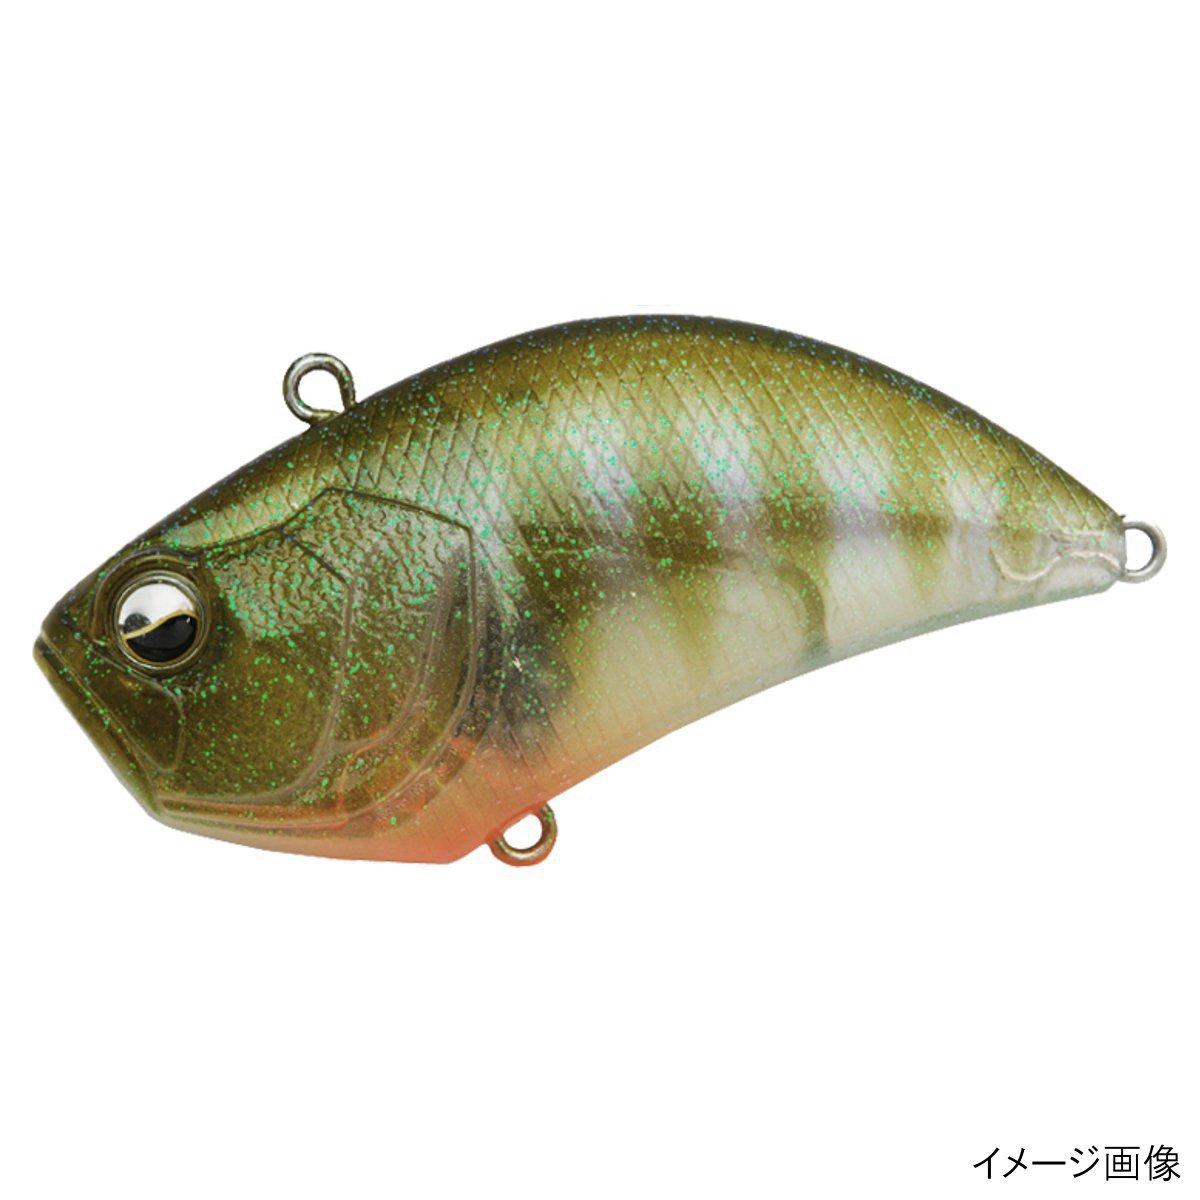 レイドジャパン レベルバイブ LV037.DAZZLER GILL【ゆうパケット】